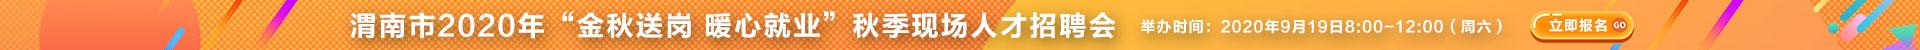 渭南人才网知产平台